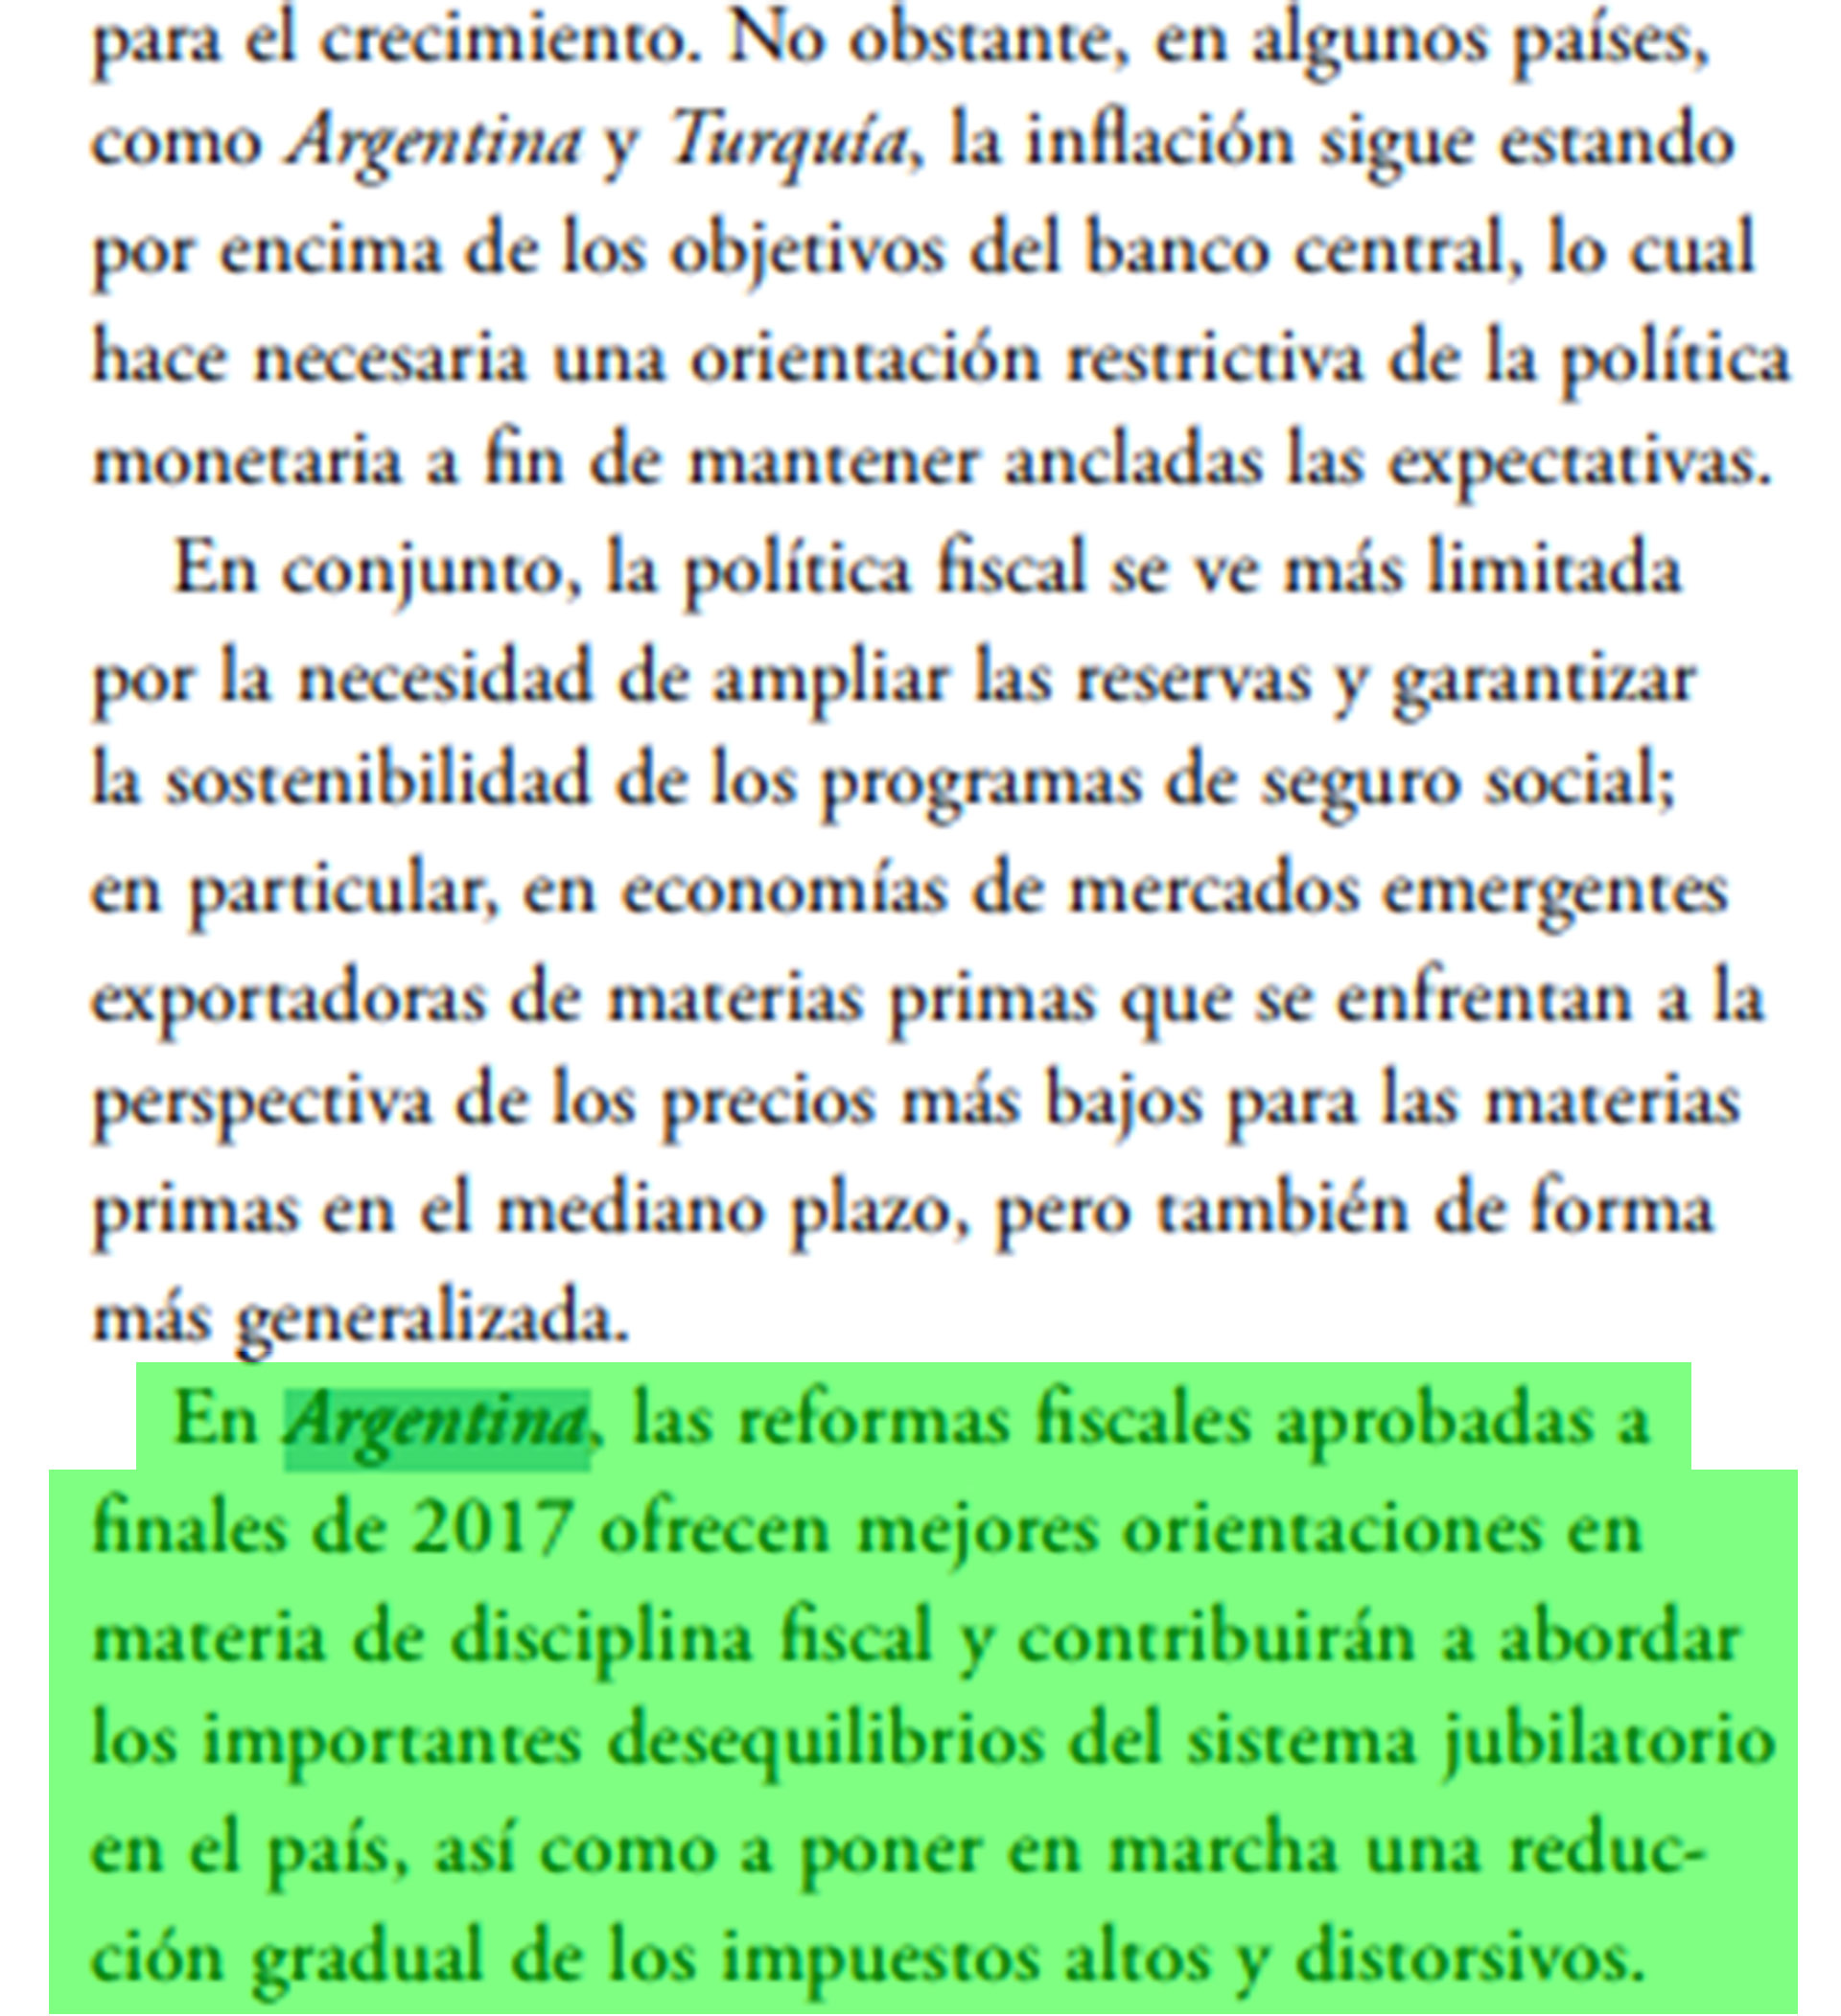 El reporte del FMI destaca la situación monetaria y fiscal del país